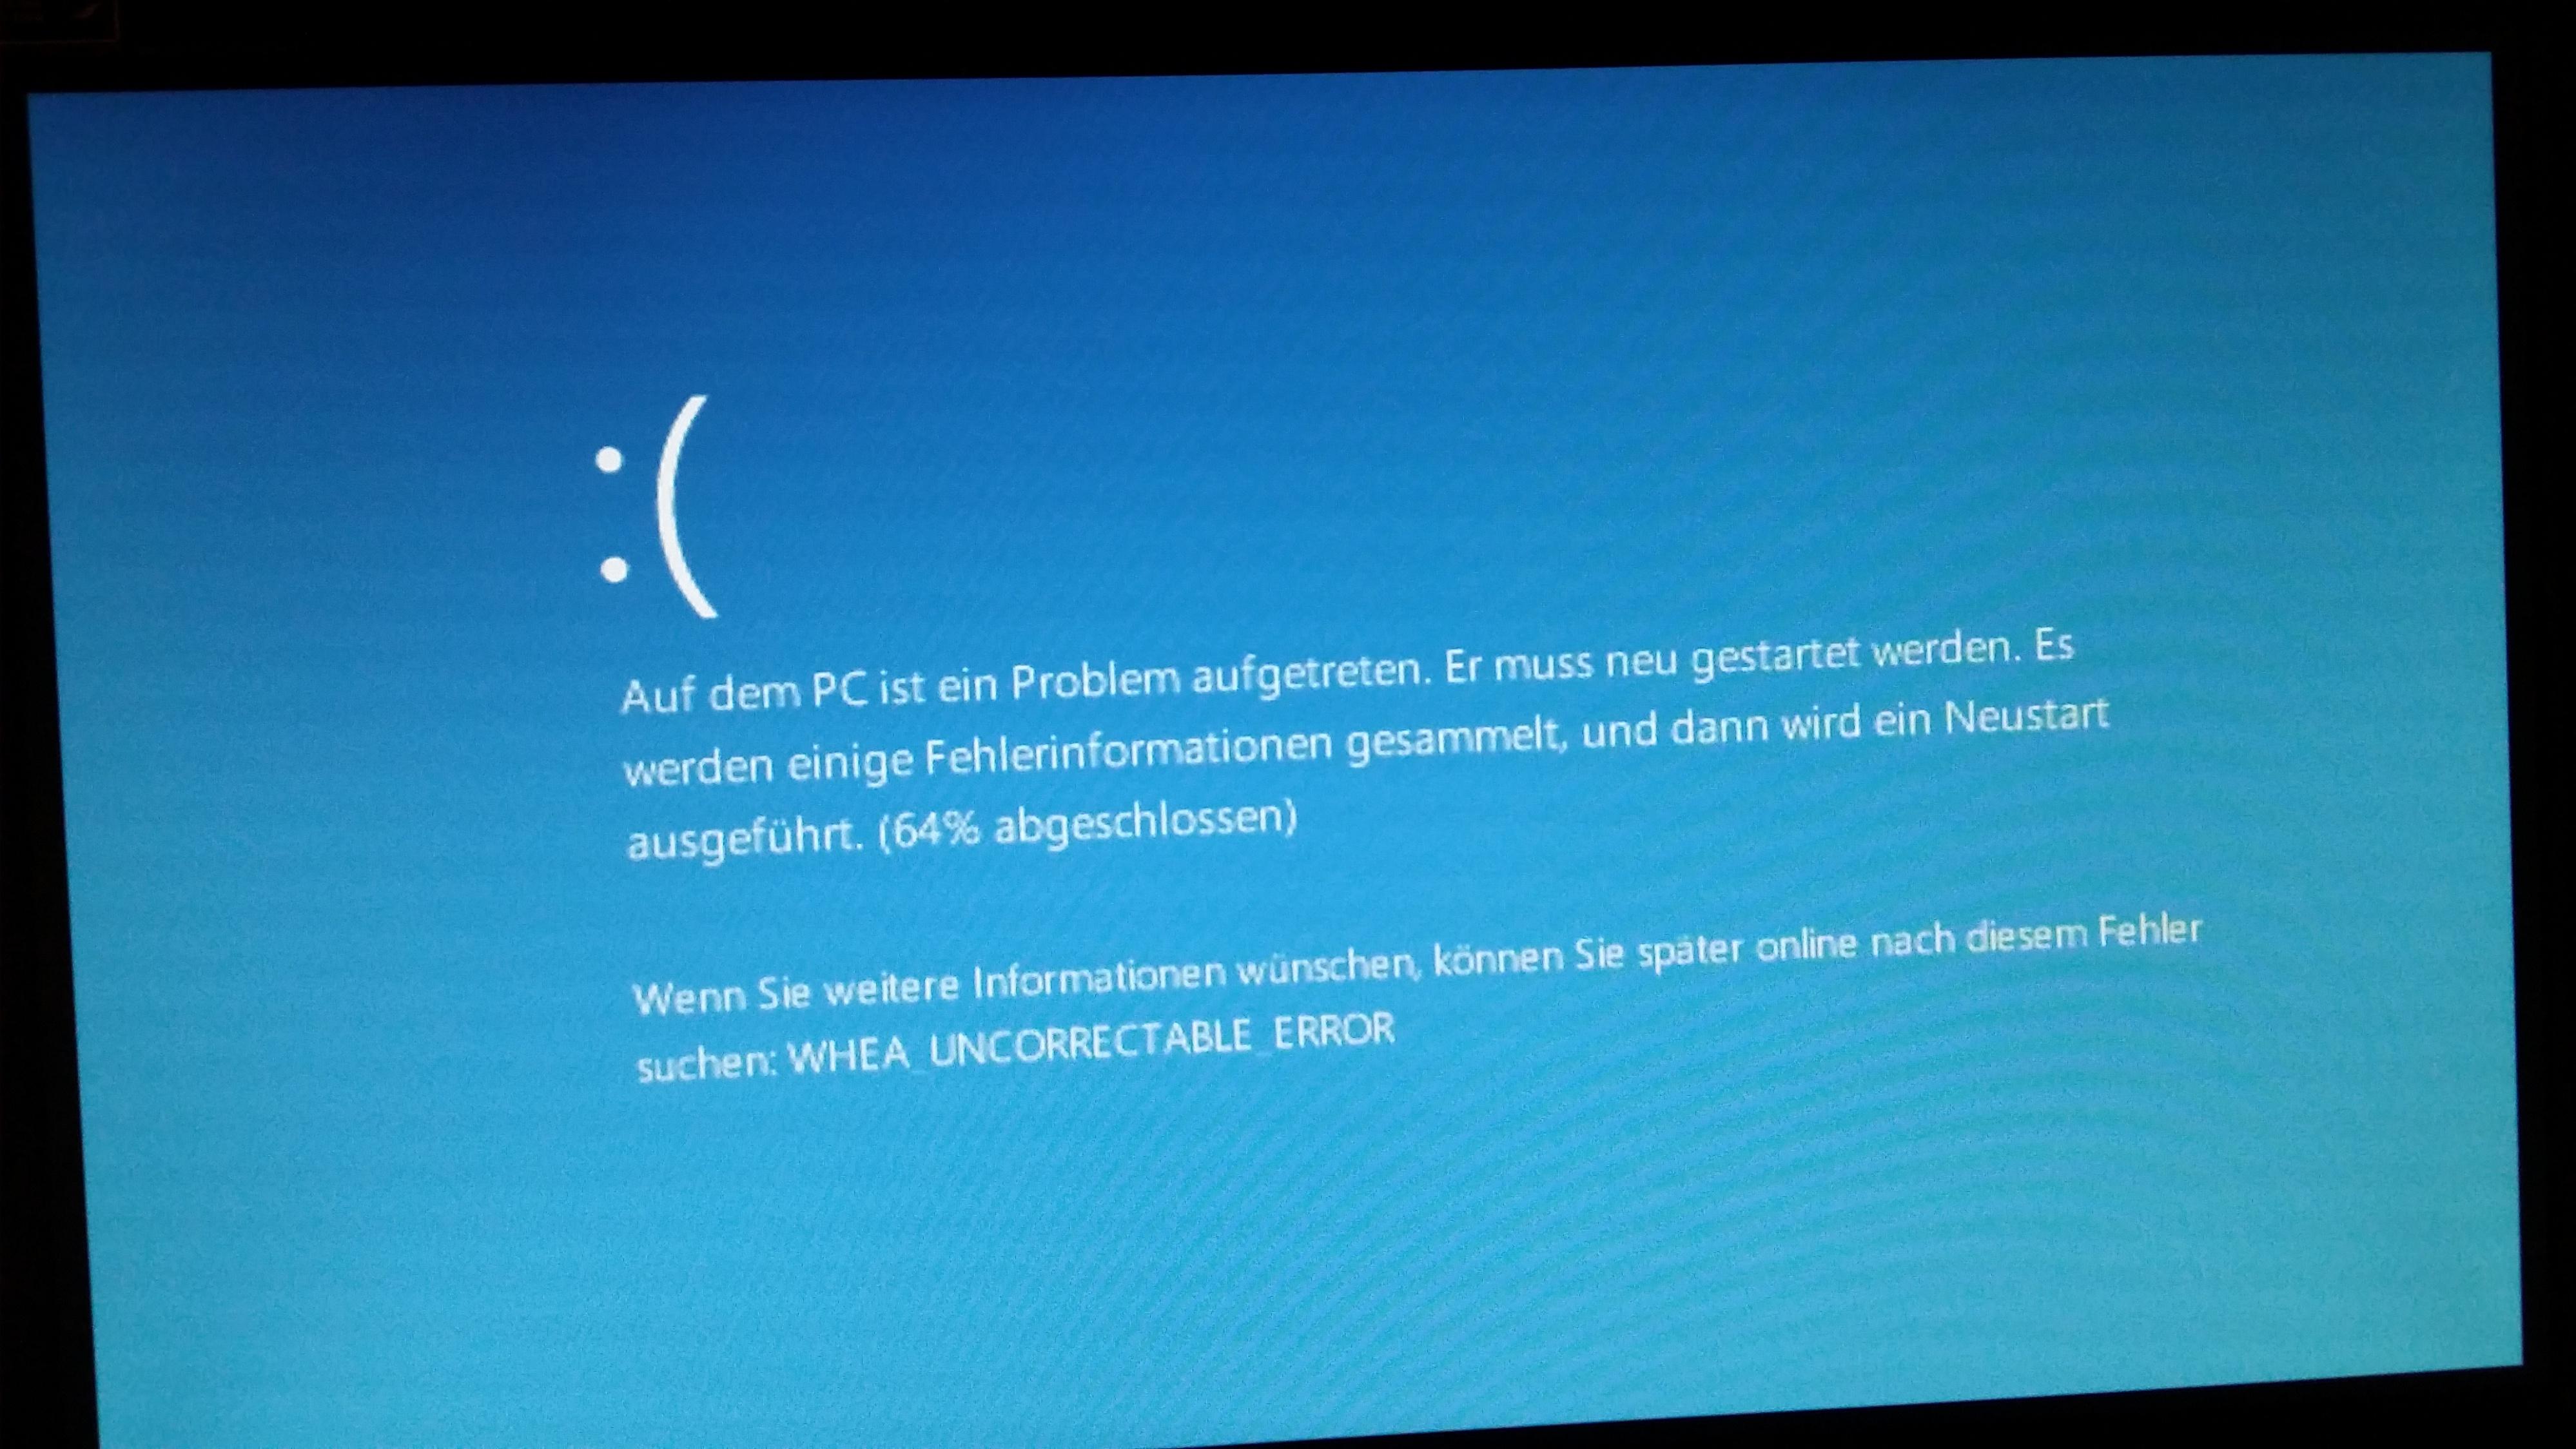 Whea uncorrectable error bluescreen probleme bluescreen jpg